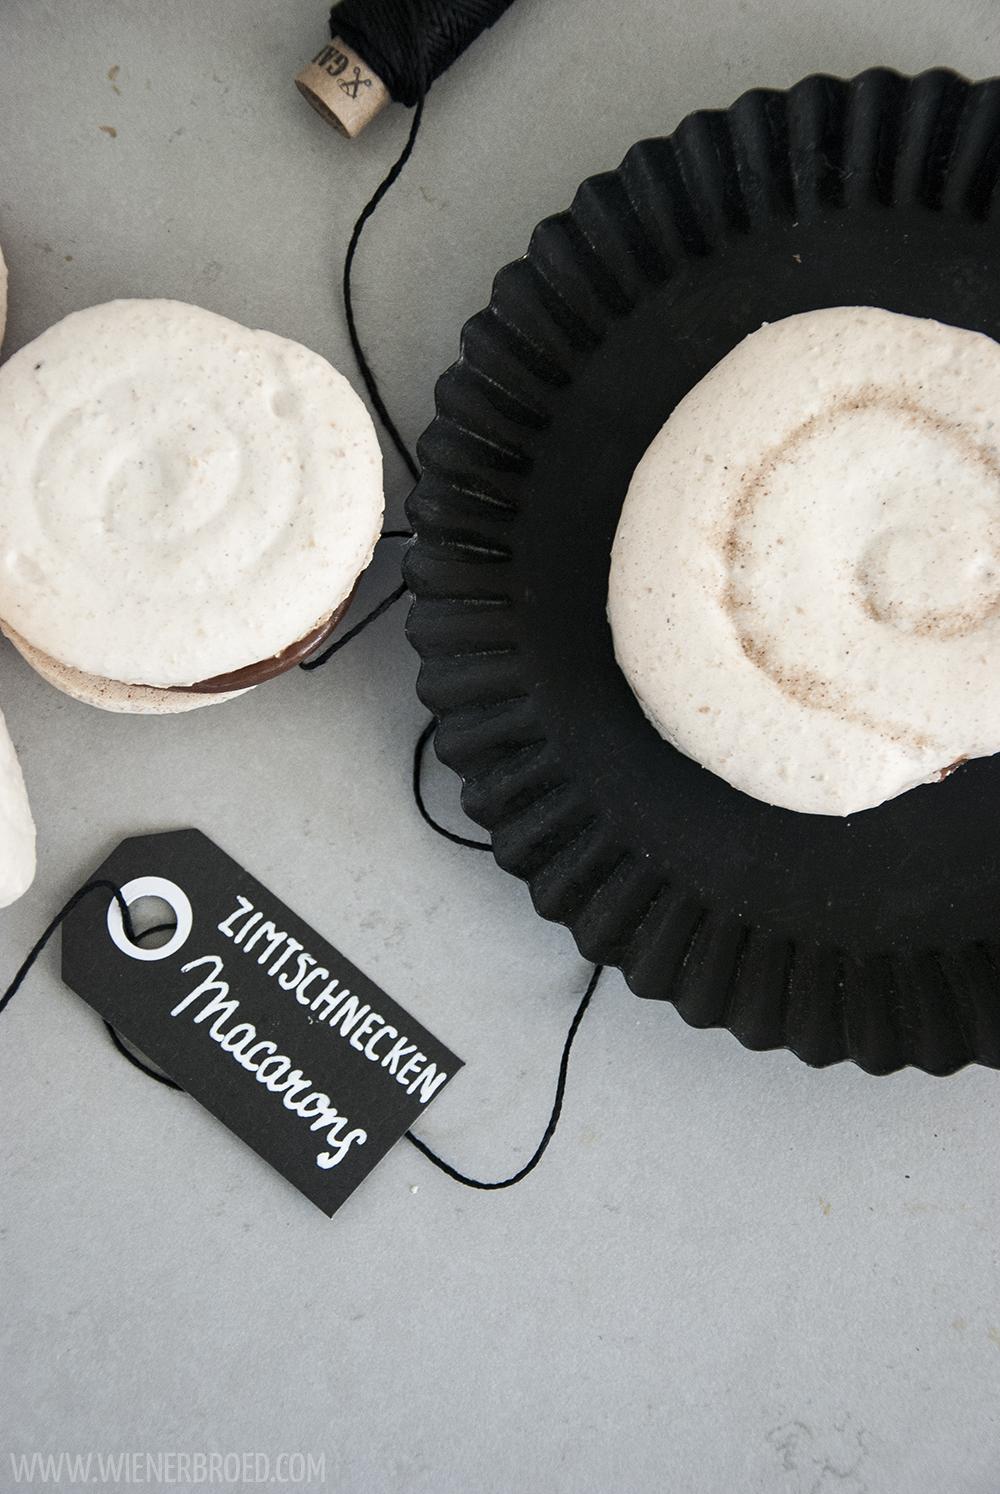 Zimtschnecken-Macaron-Schnecken, das typisch nordische Gebäck in feinem französischen Klein [wienerbroed.com] Cinnamon bun macarons